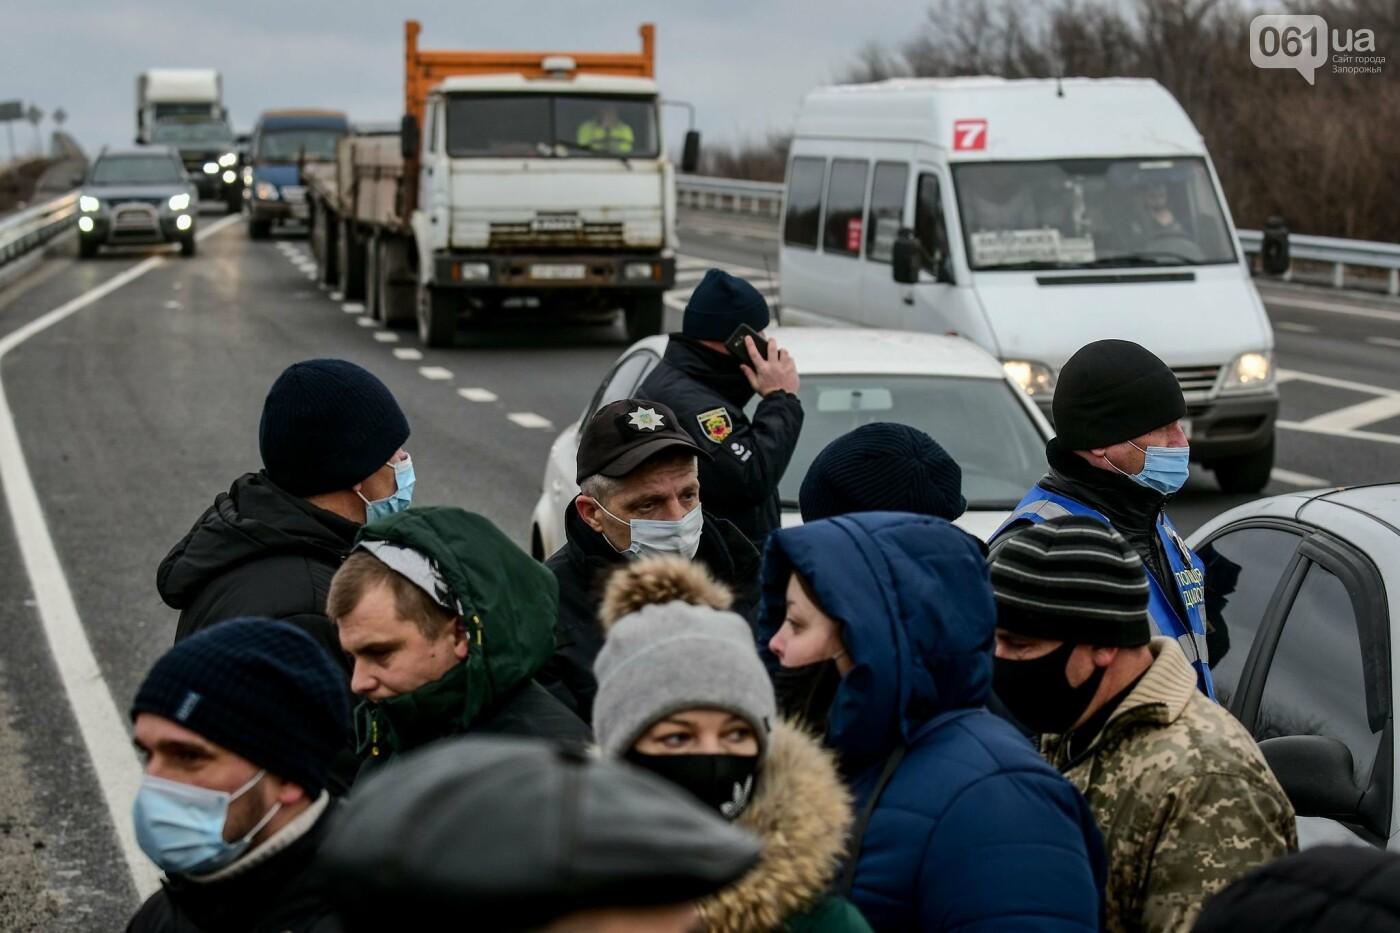 Жители Вольнянска перекрыли трассу и ждут губернатора, - ФОТО, ВИДЕО , фото-6